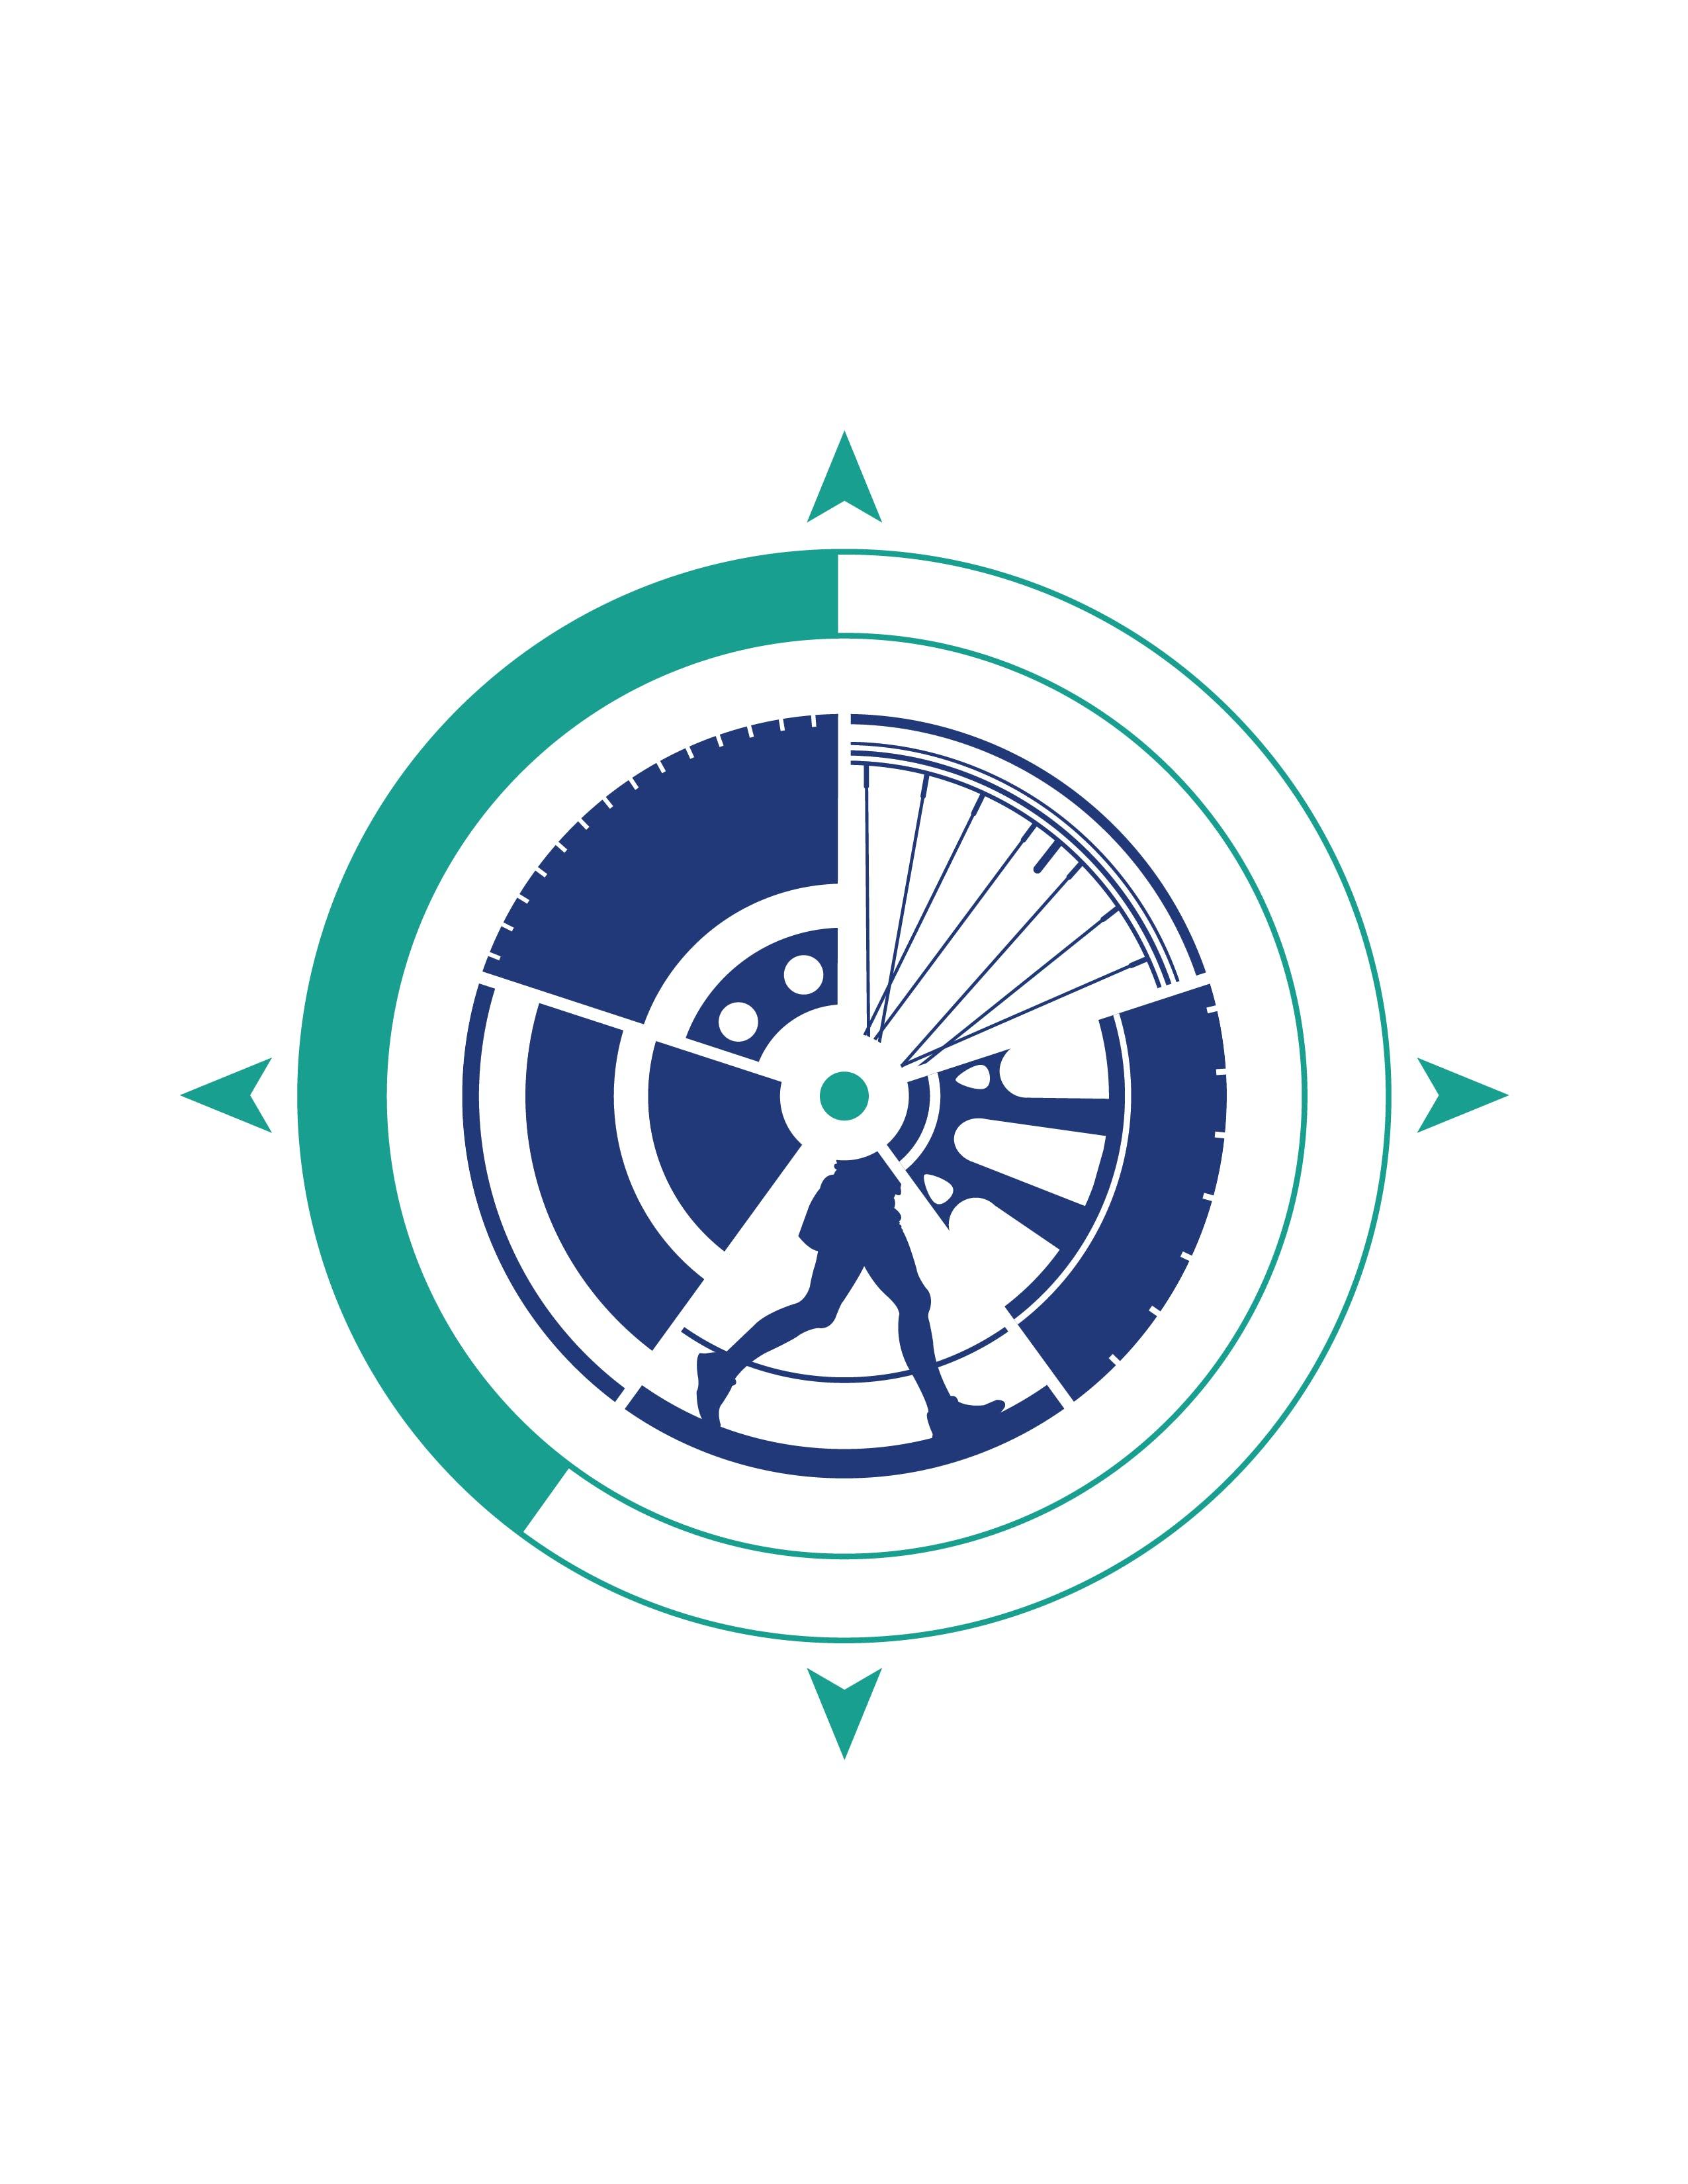 Identité visuelle du projet de la révision du Plan directeur des transports